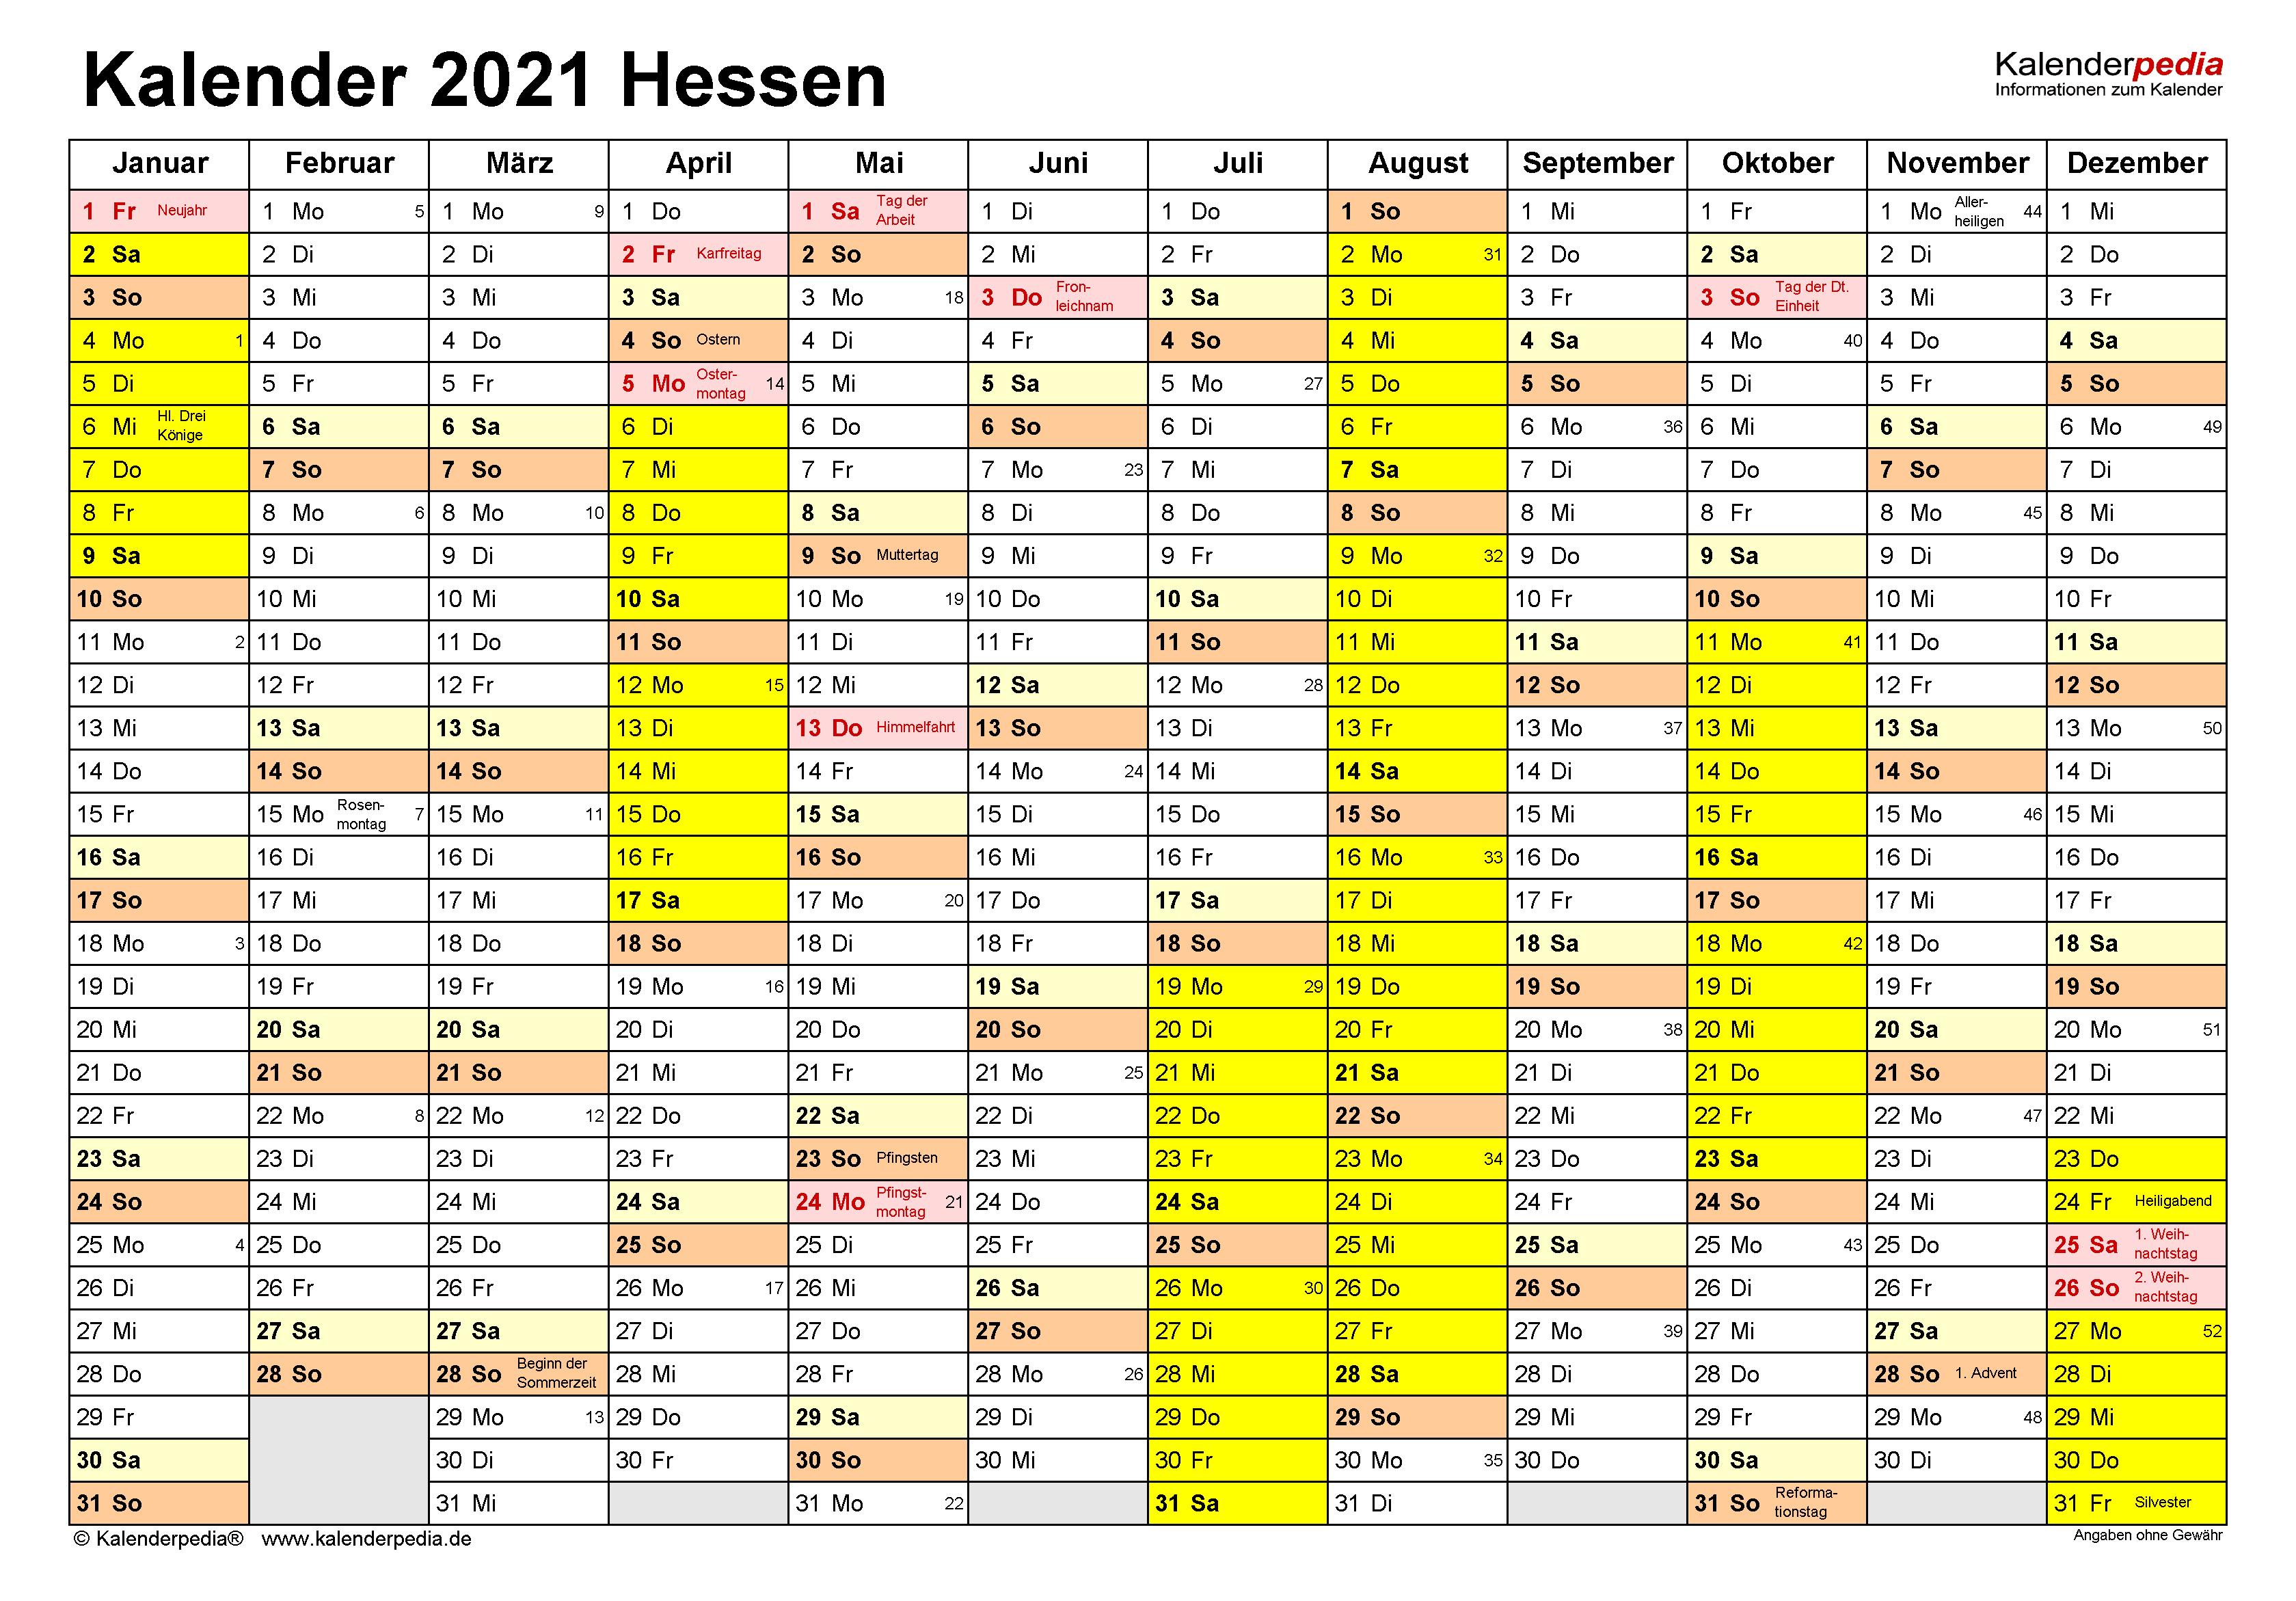 Hessen Feiertage 2021